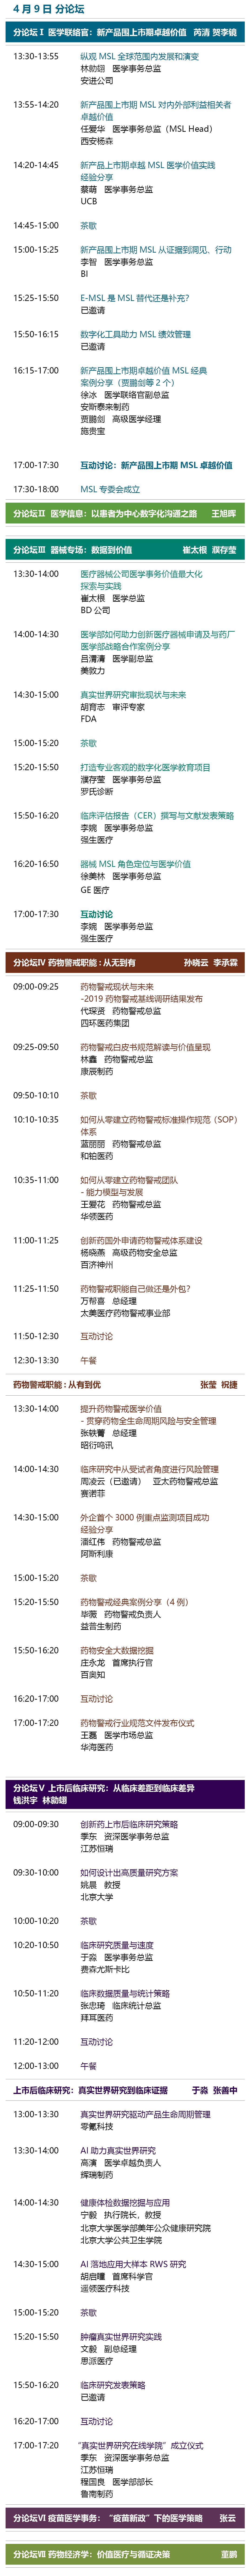 """2019第四届中华医学事务年会(CMAC)""""智慧医学 变赢未来"""""""